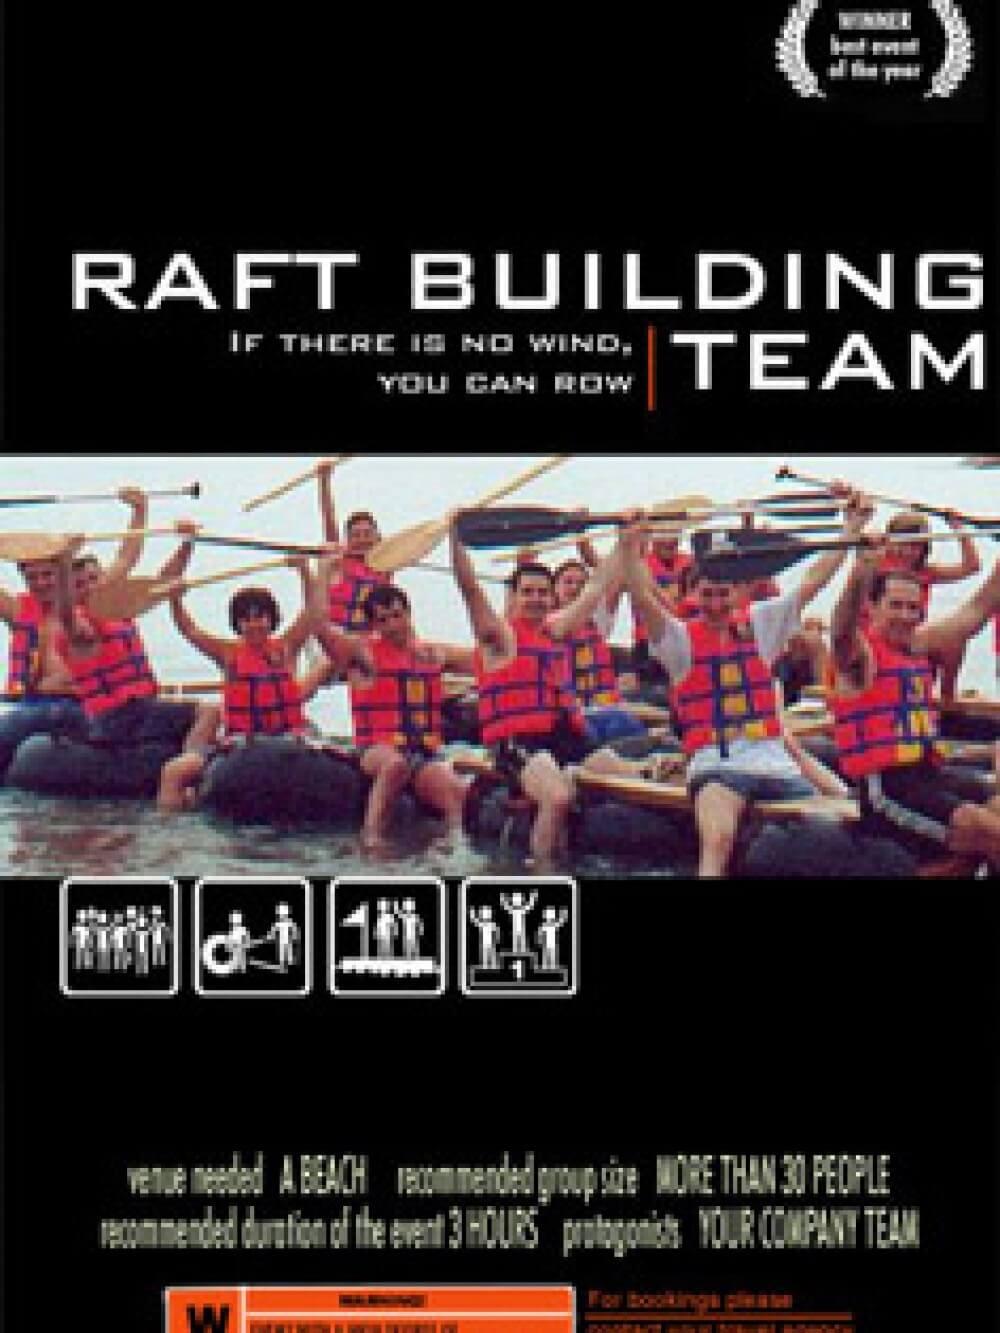 raft_building_team_vertical_web